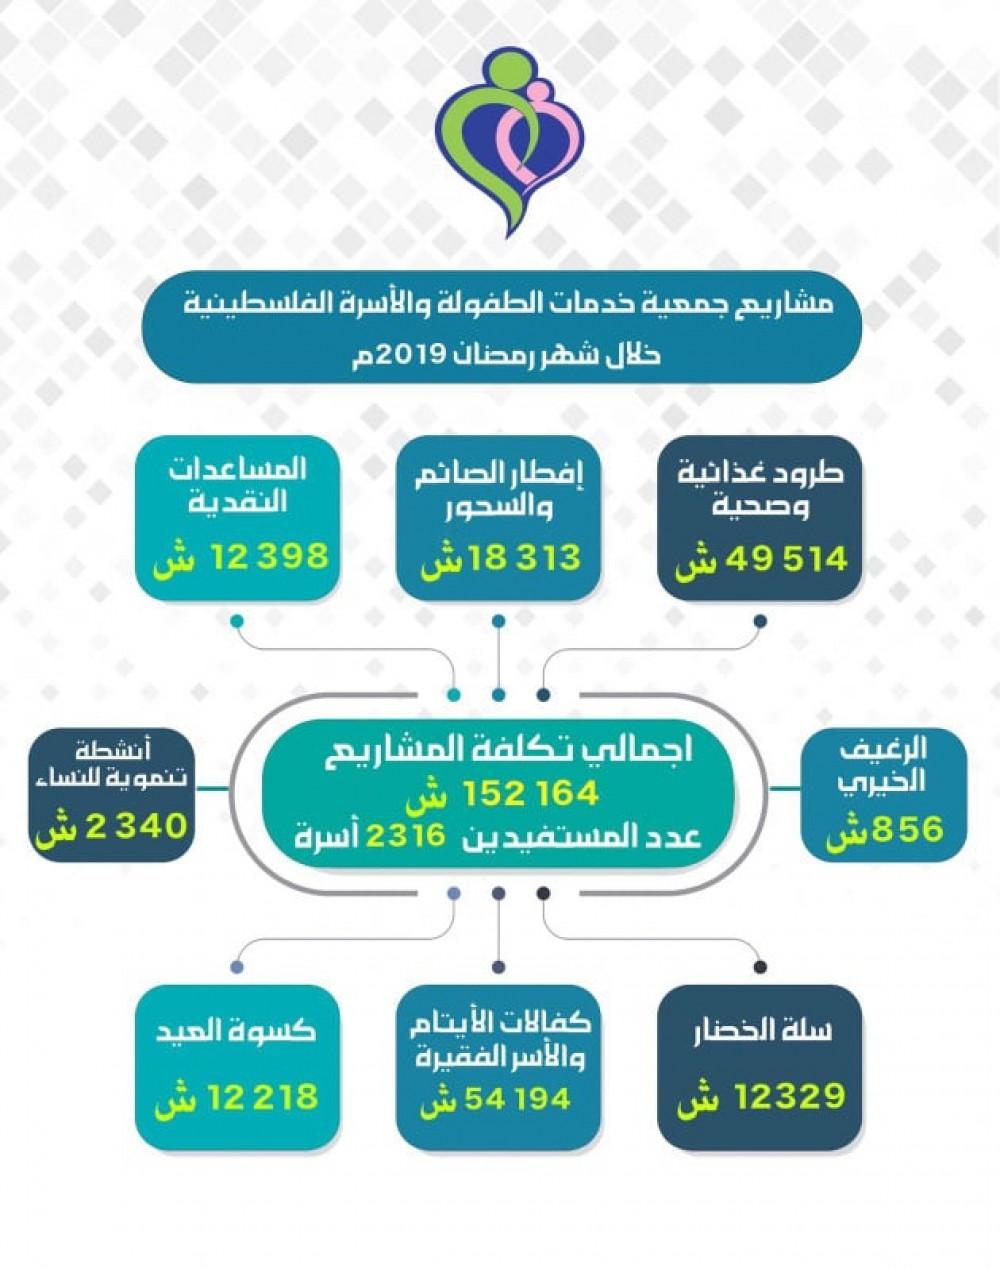 خدمات الطفولة : استفادة 2,316أسرة محتاجة من مشاريع رمضان الإغاثية